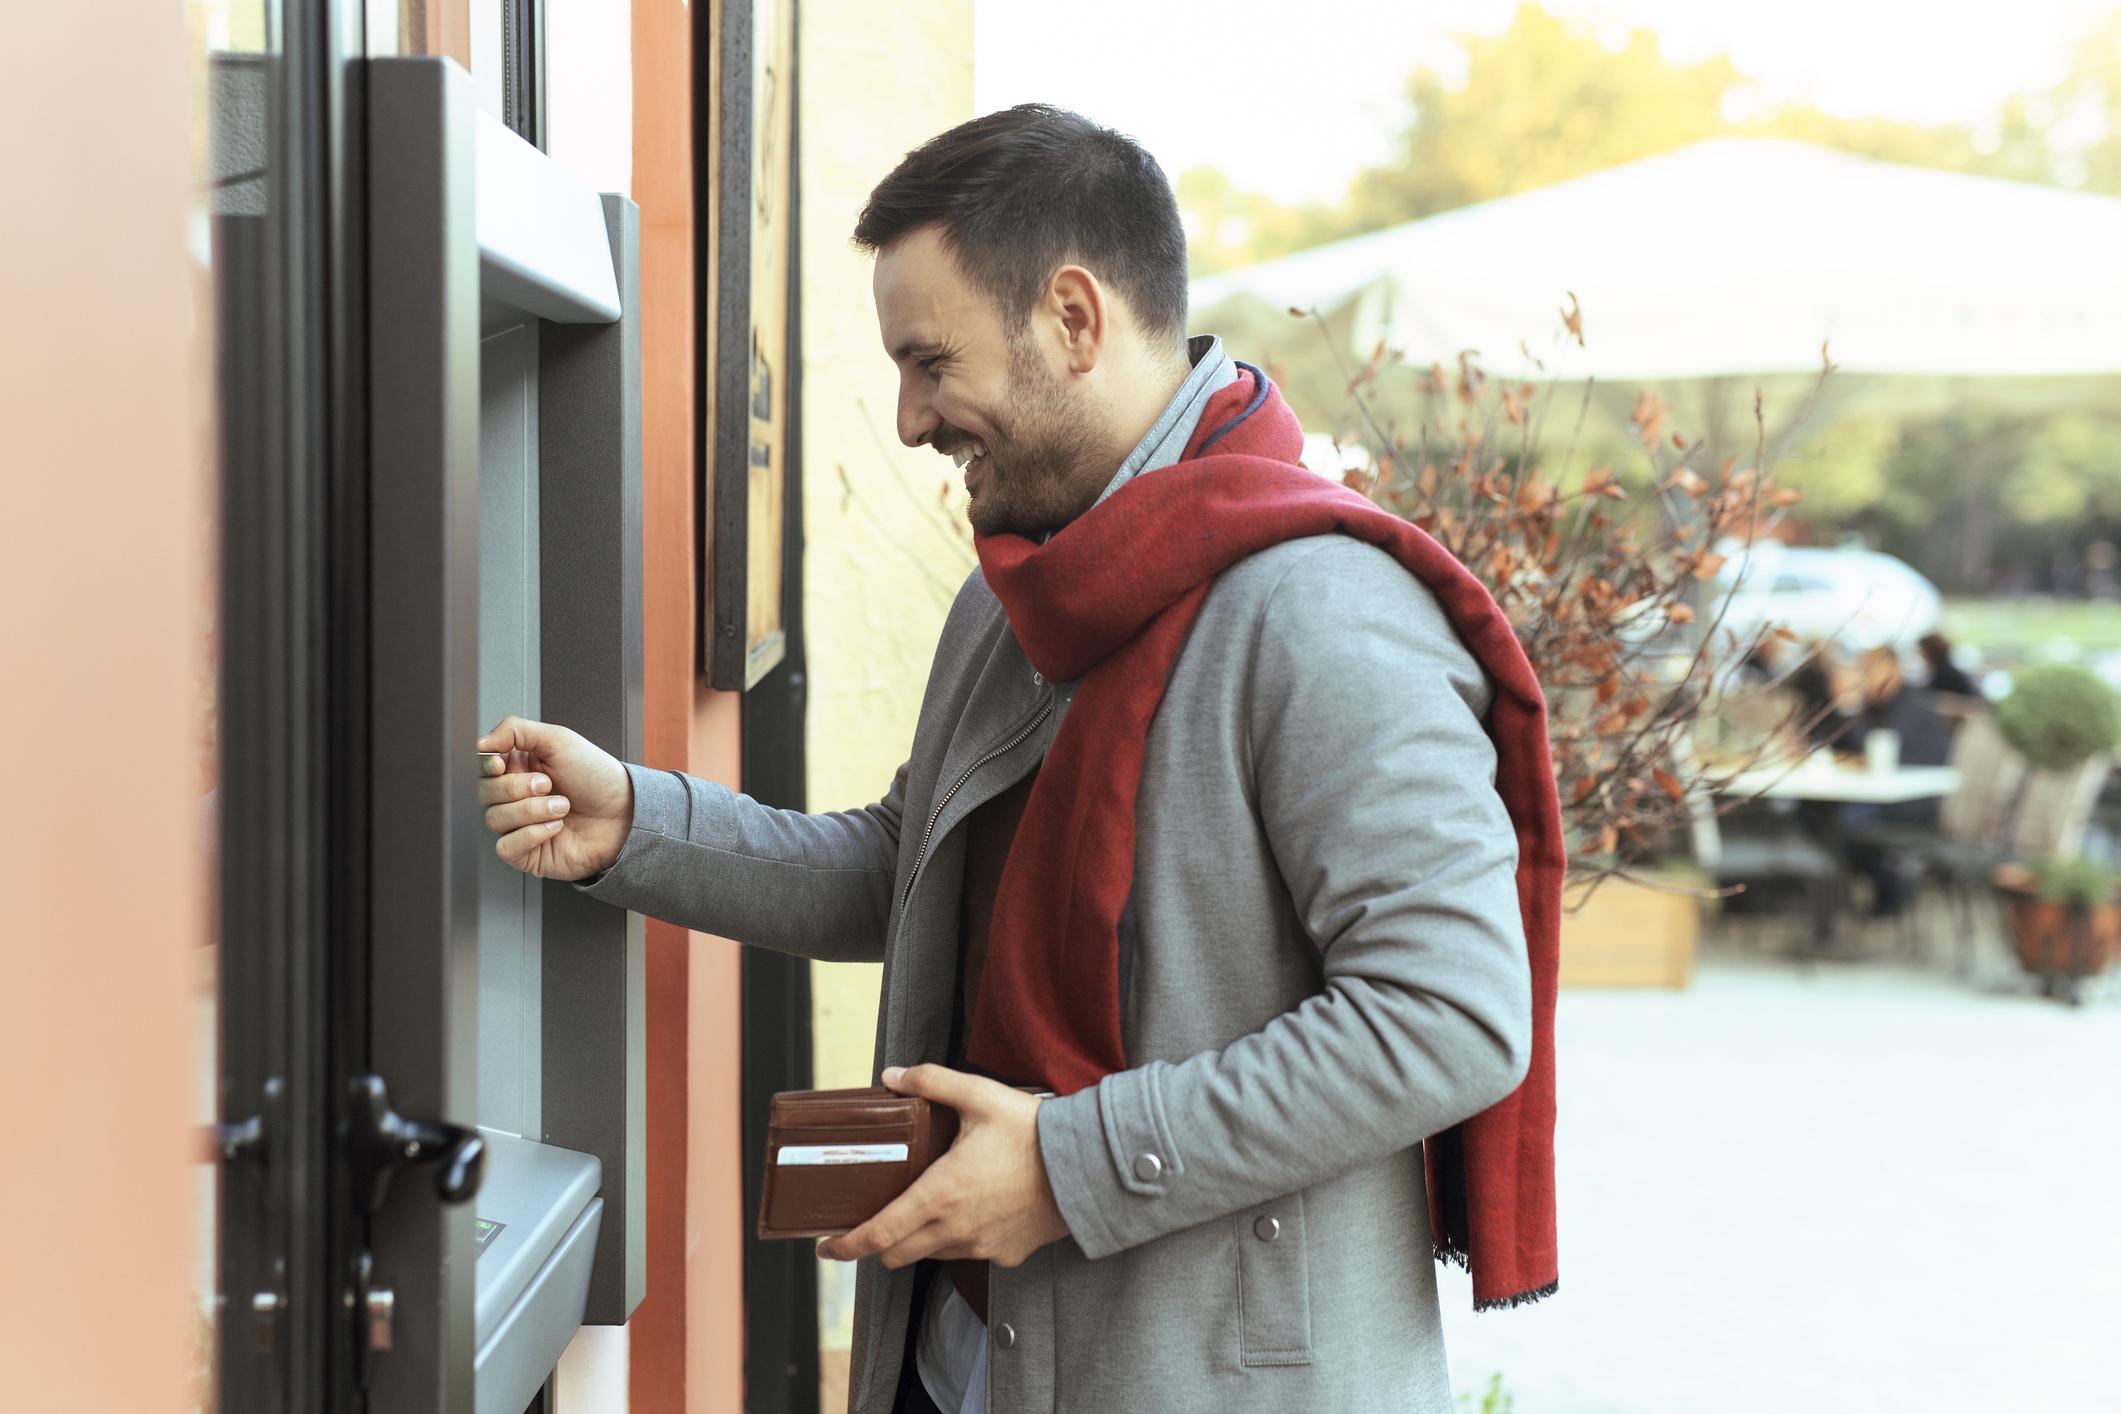 Uttagsautomaten var 60-talets stora innovation inom Fintech